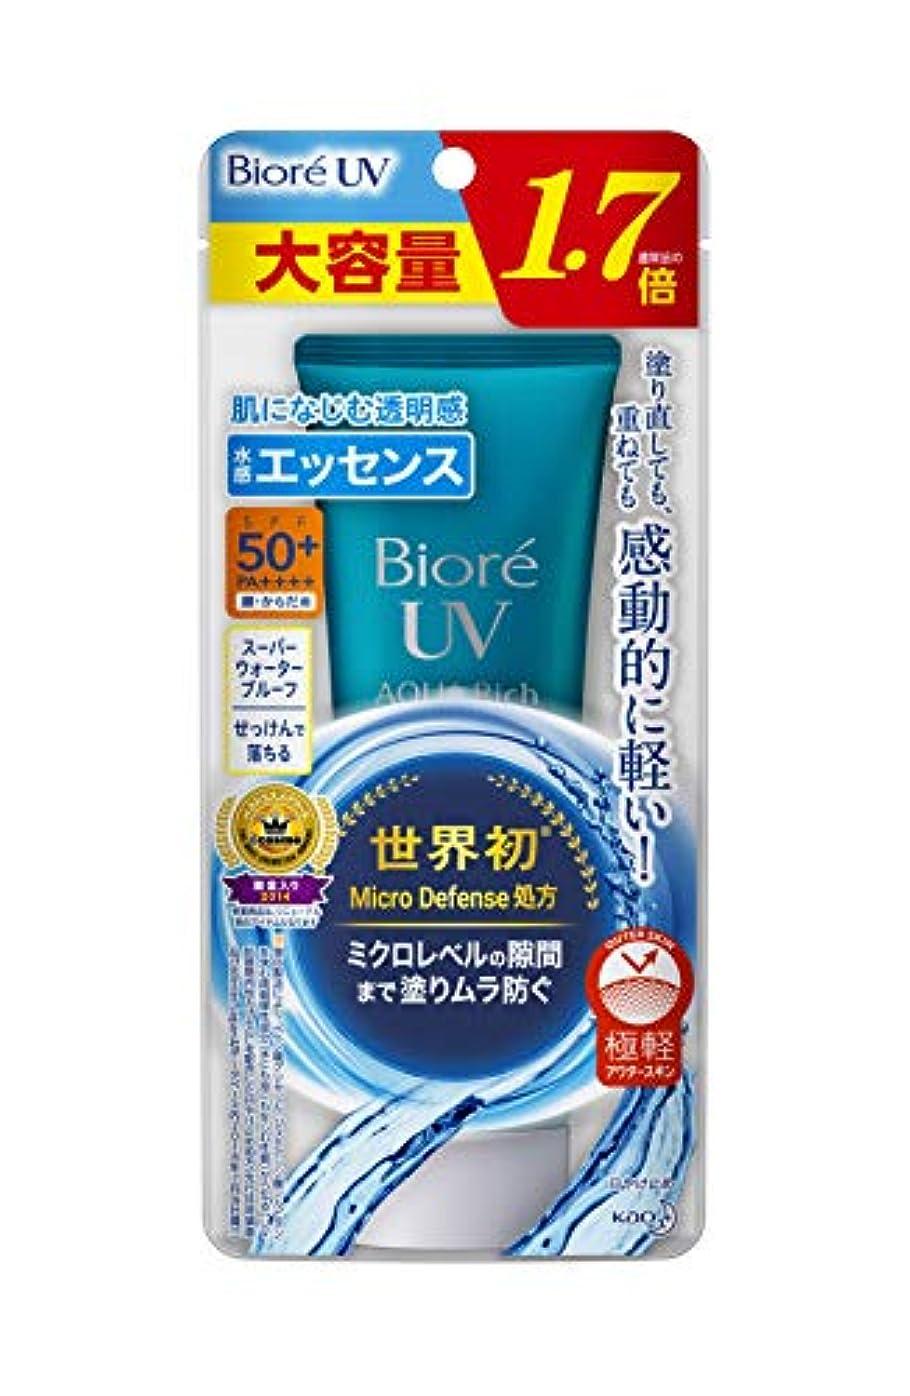 アカウント貼り直すほとんどの場合【大容量】 ビオレUV アクアリッチ ウォータリエッセンス 85g (通常品の1.7倍) 日焼け止め SPF50+/PA++++